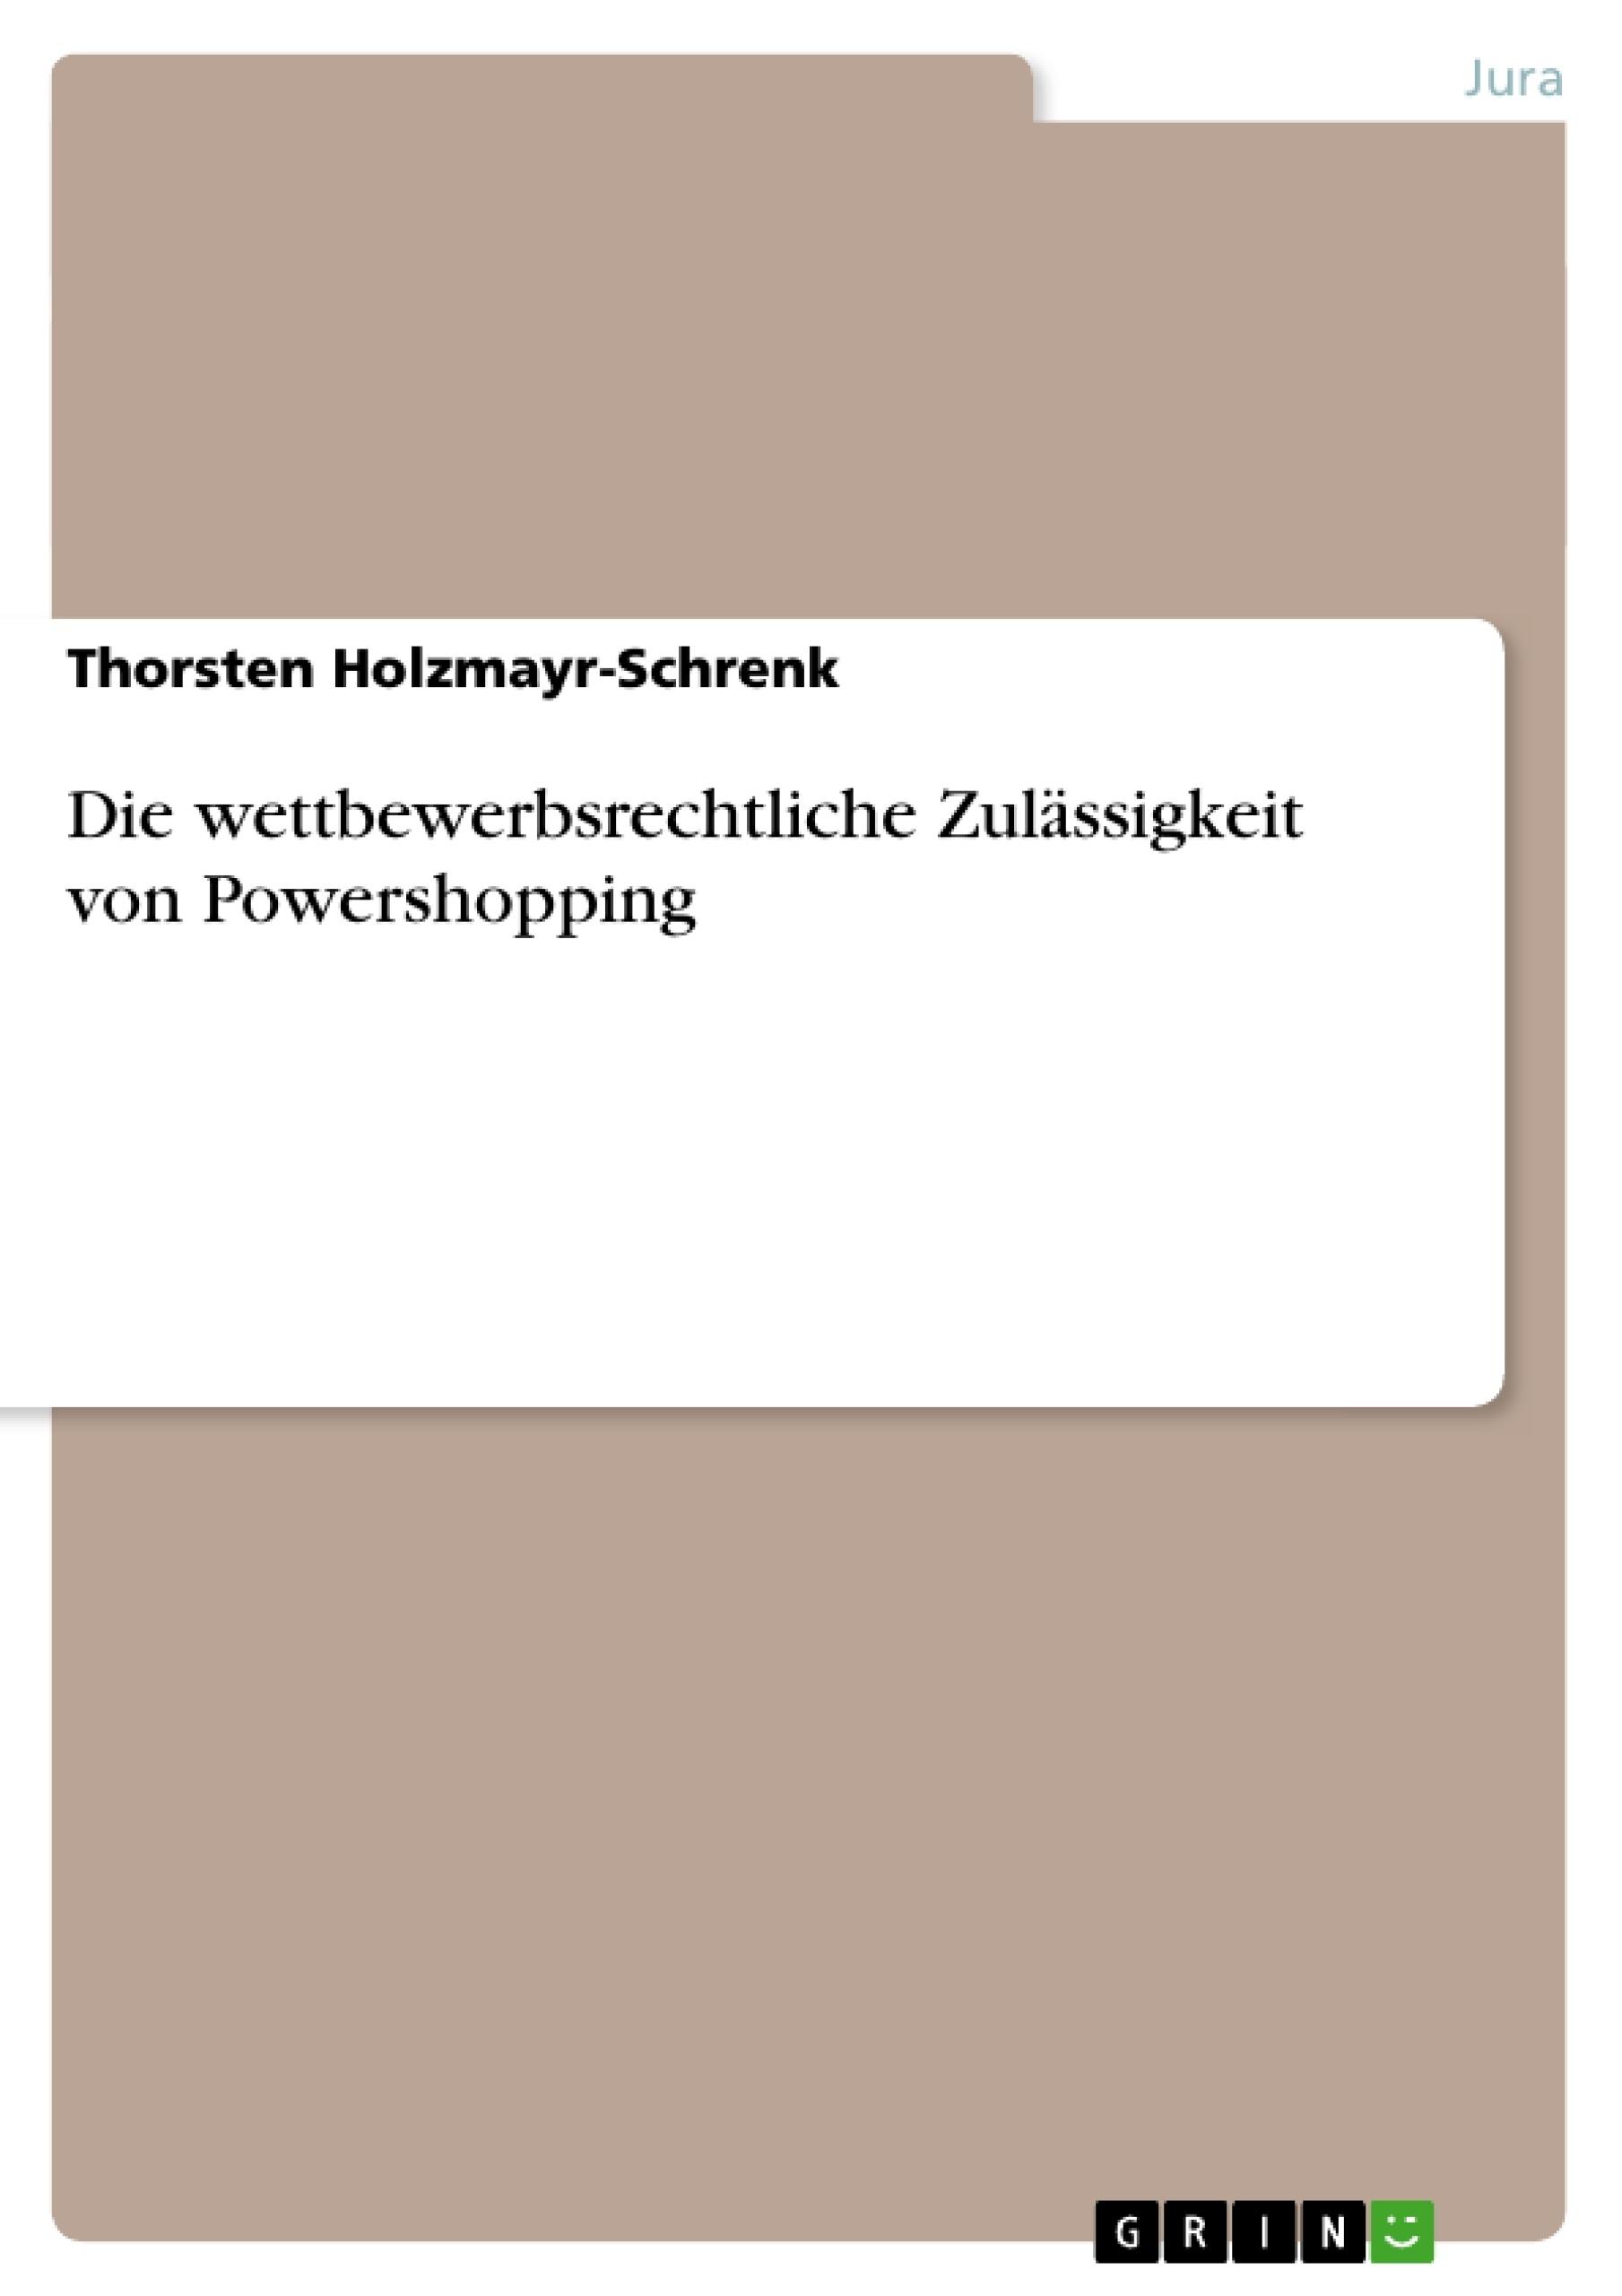 Titel: Die wettbewerbsrechtliche Zulässigkeit von Powershopping